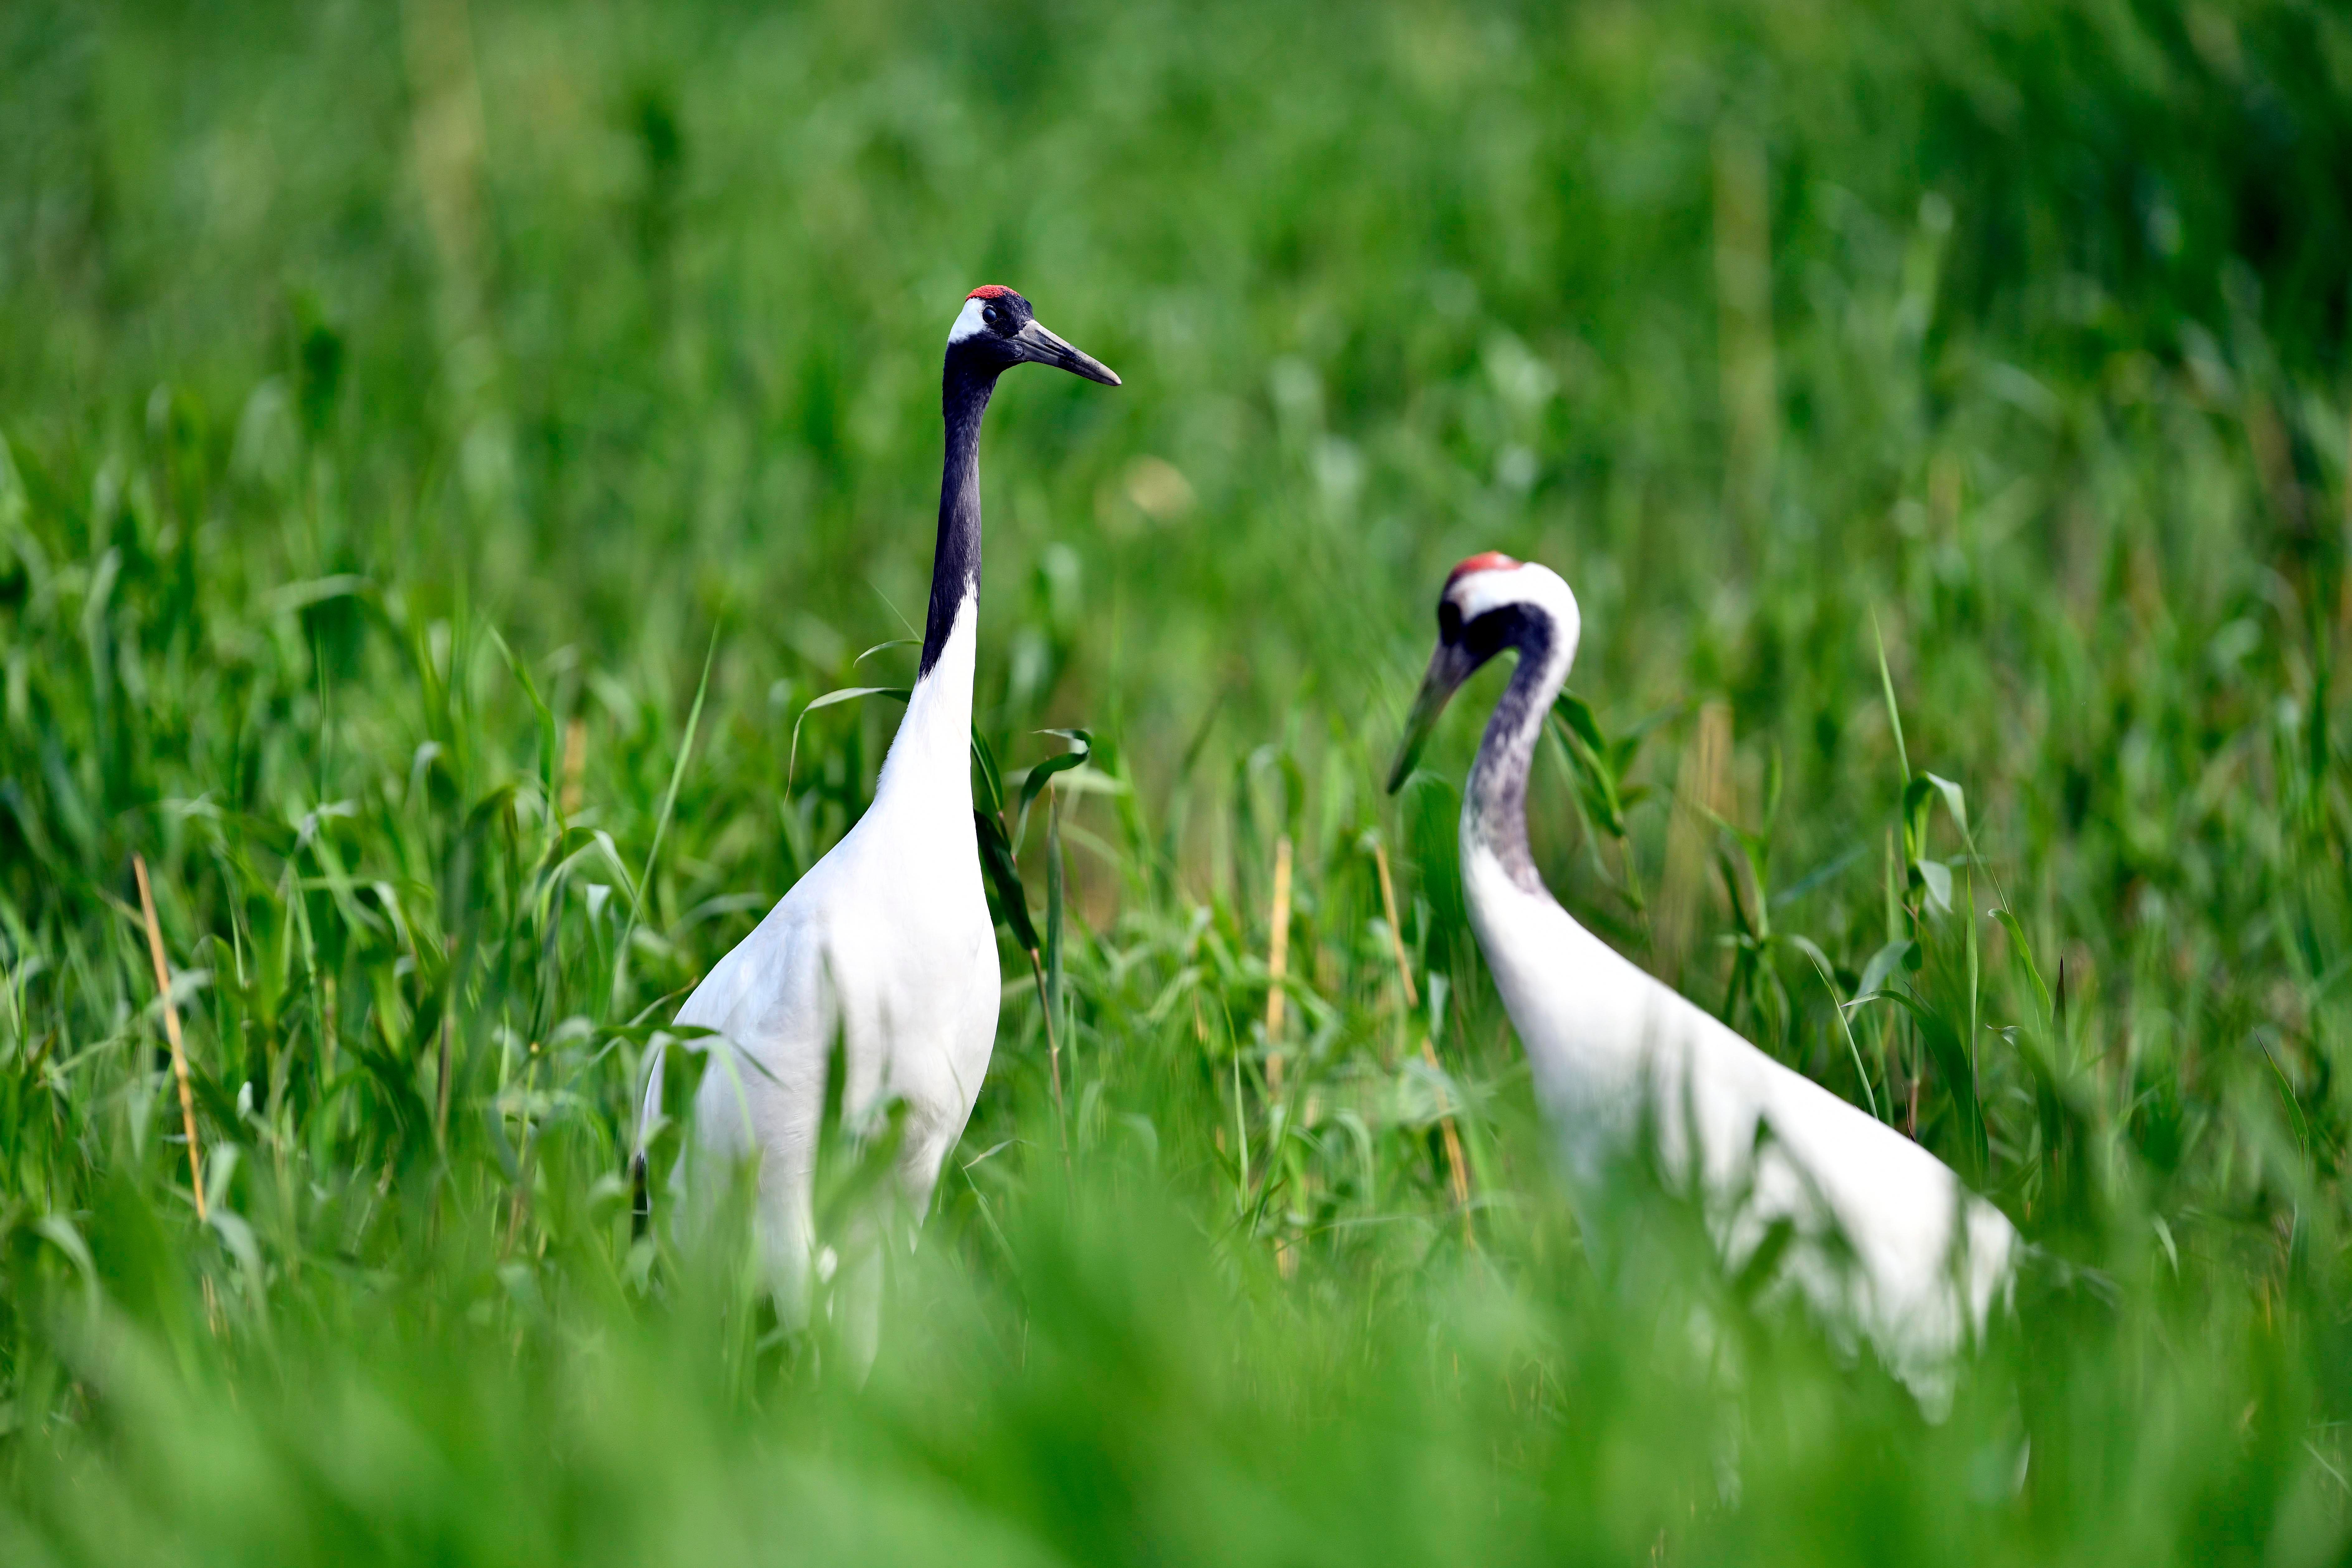 在黄河三角洲国家级自然保护区,两只丹顶鹤在水草间栖息。(新华社记者 郭绪雷 摄)